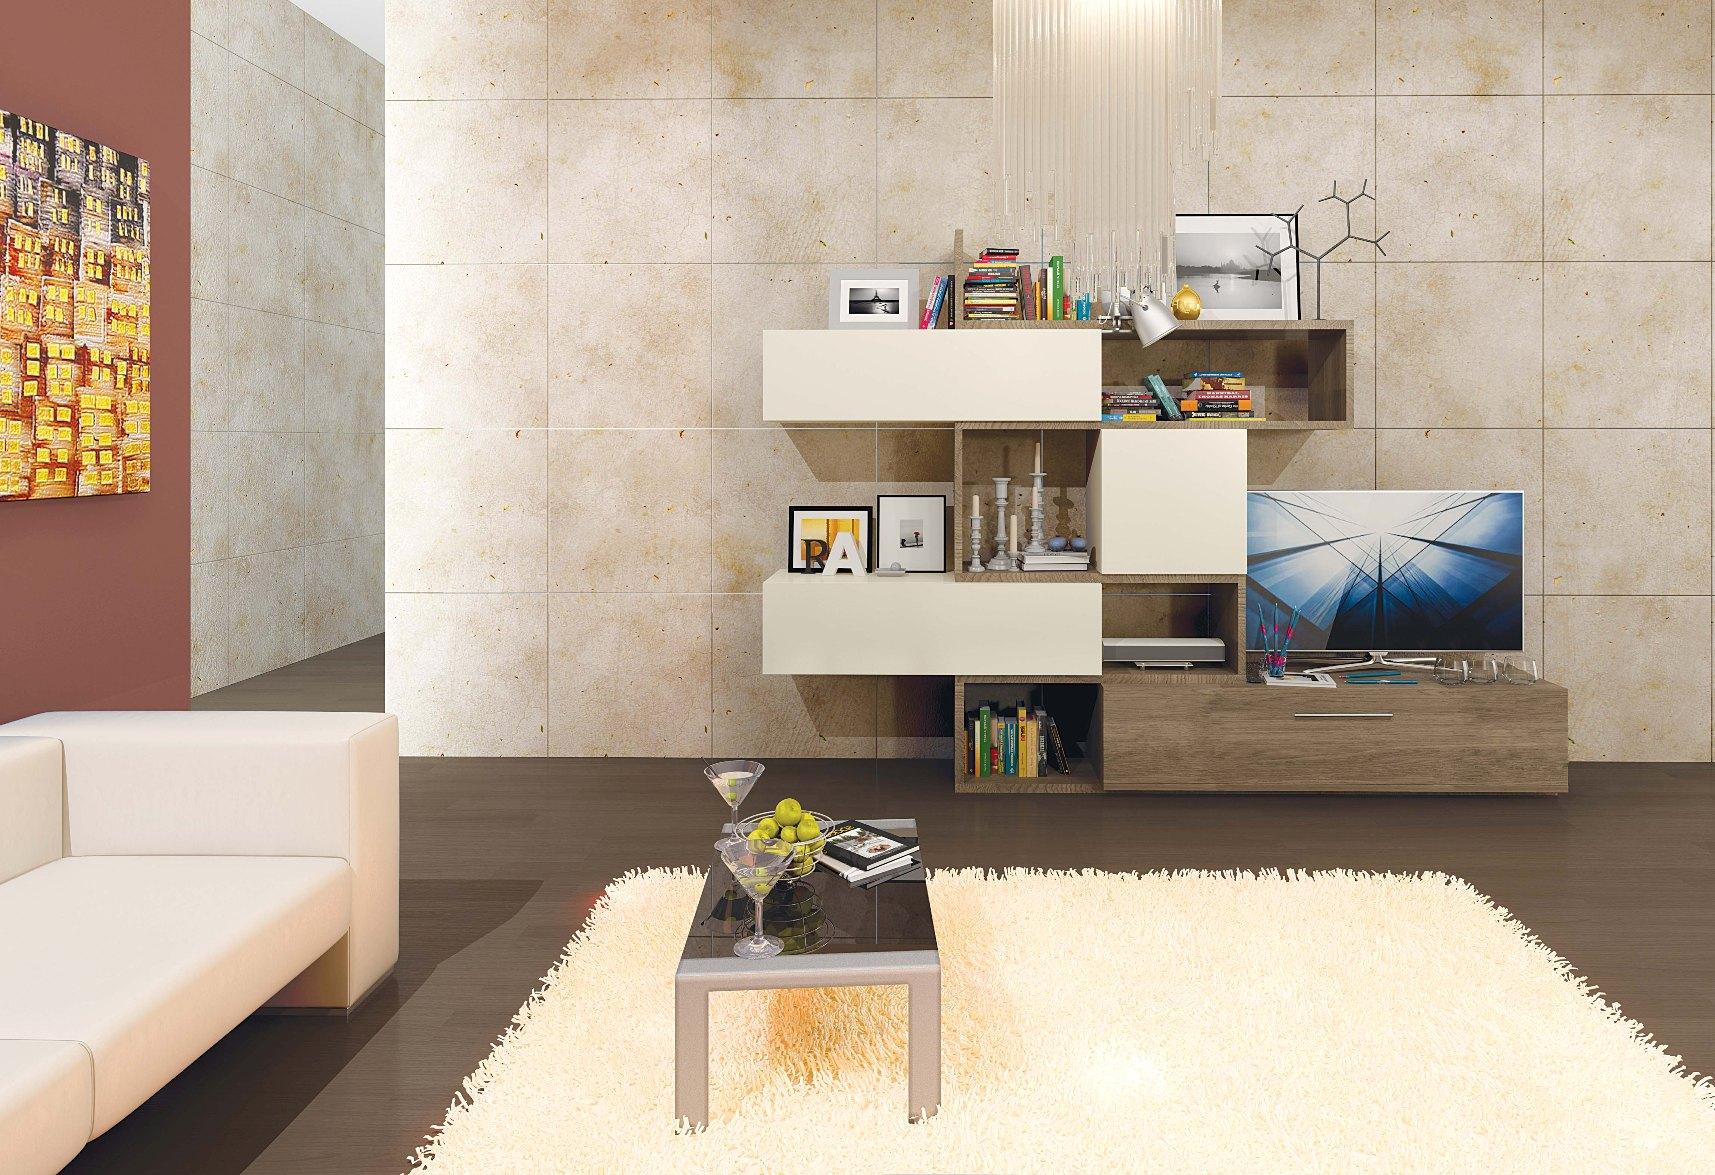 Гостиная ровенна/rovenna - цена, характеристики. мебельный с.